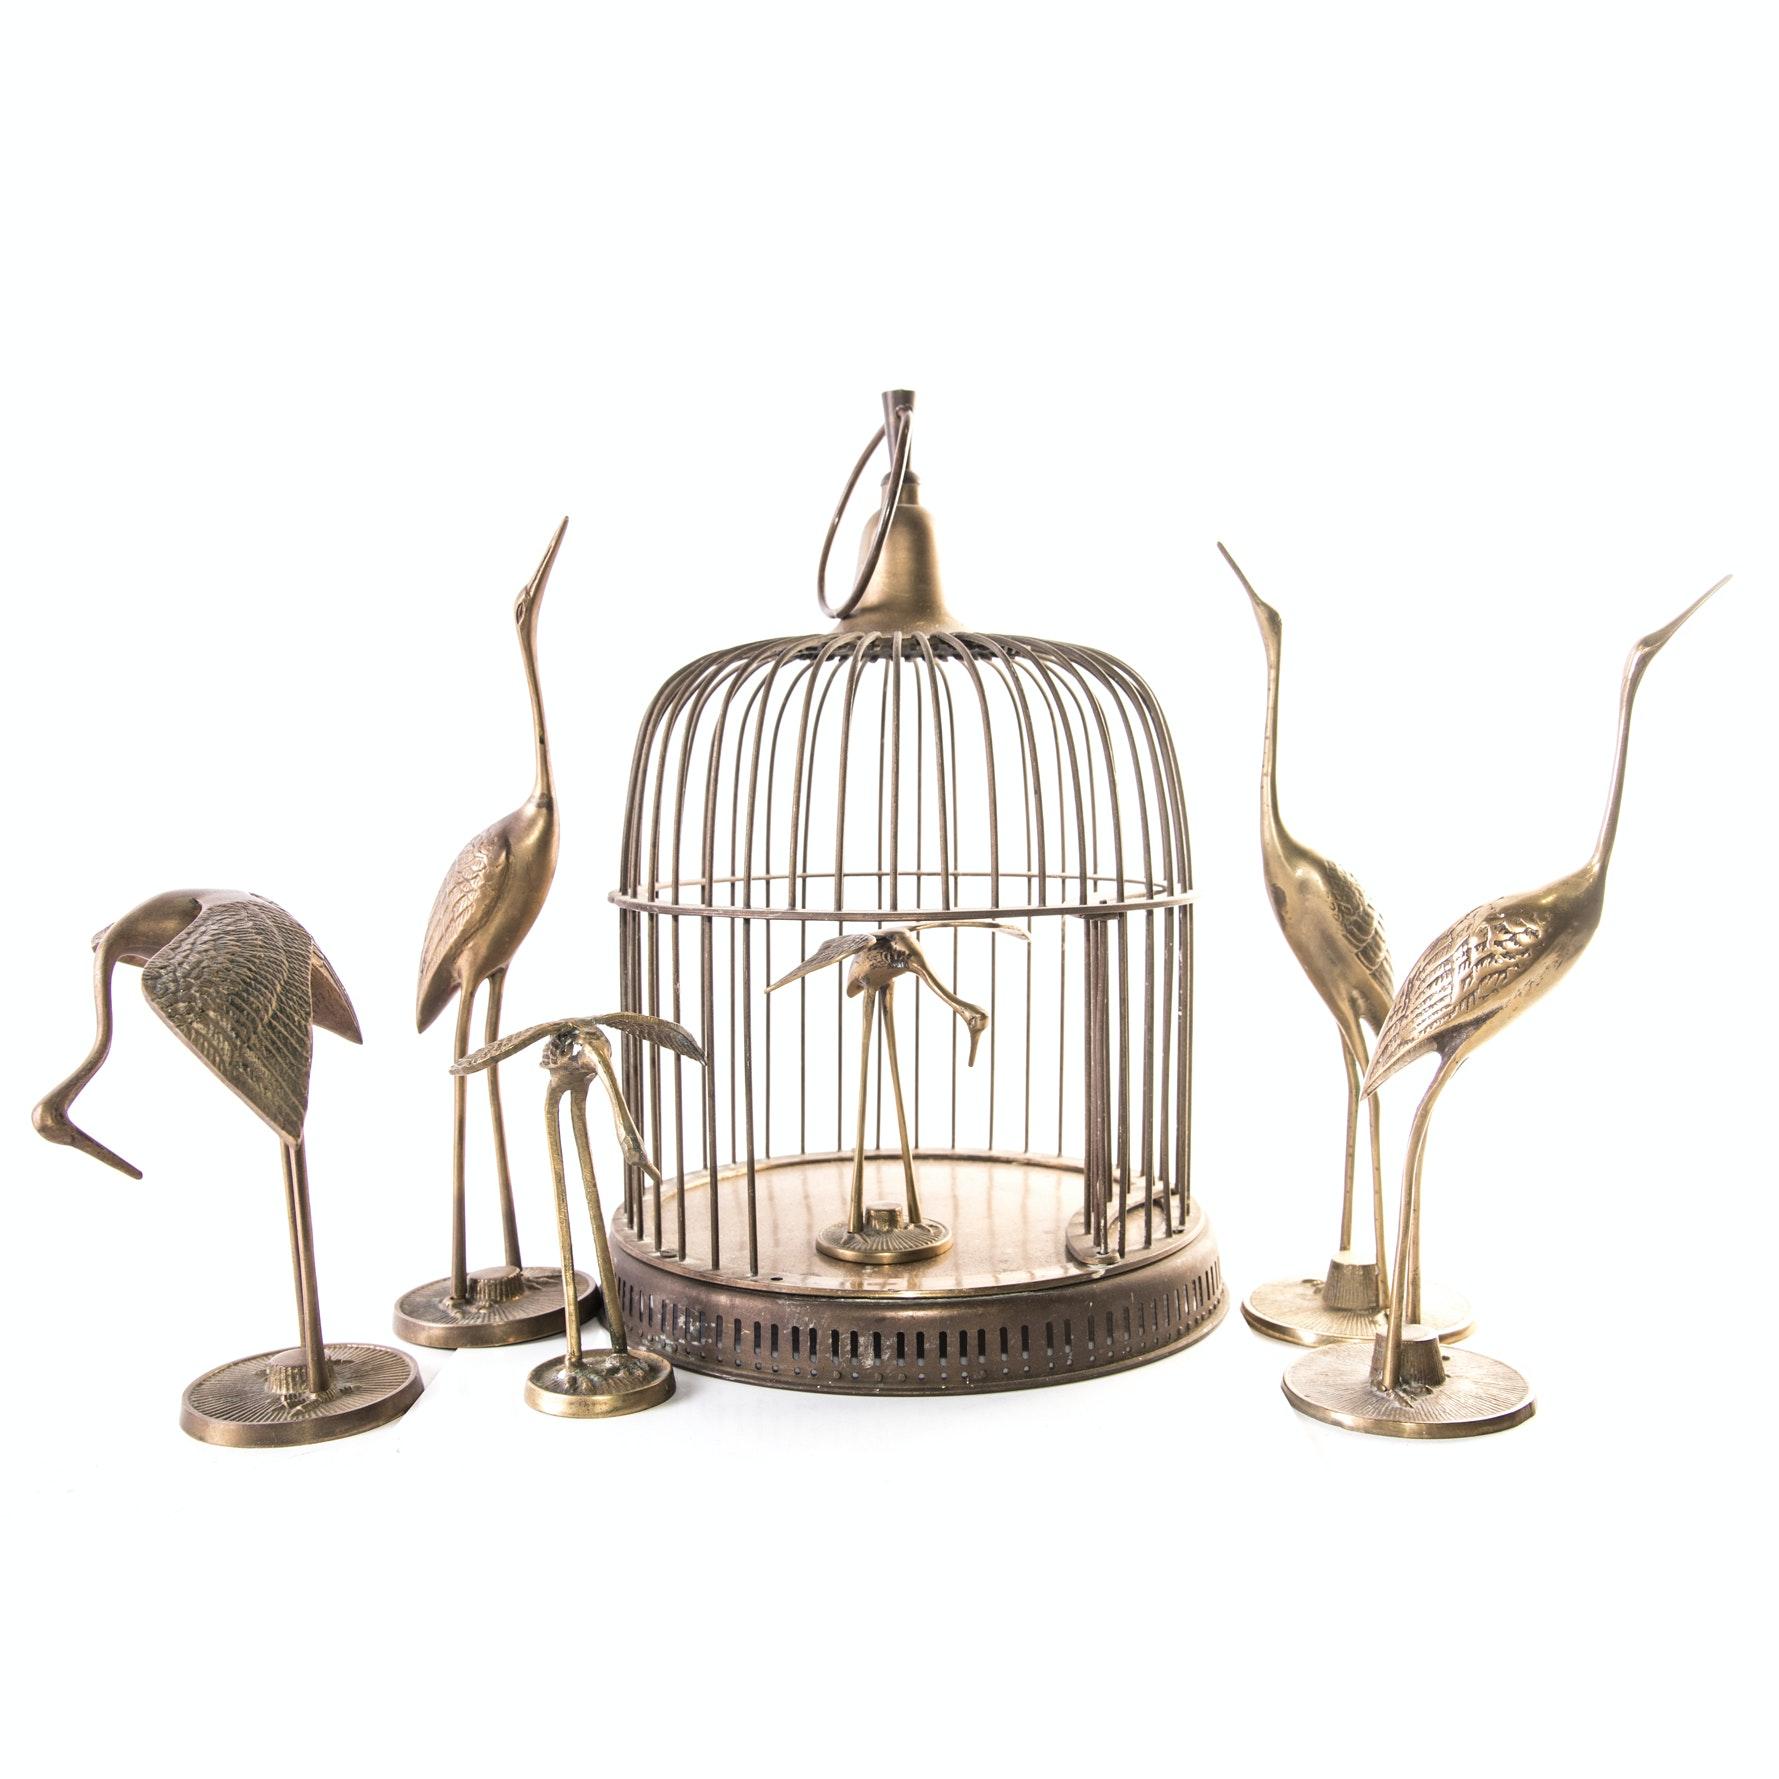 Brass Birdcage with Egret Figurines